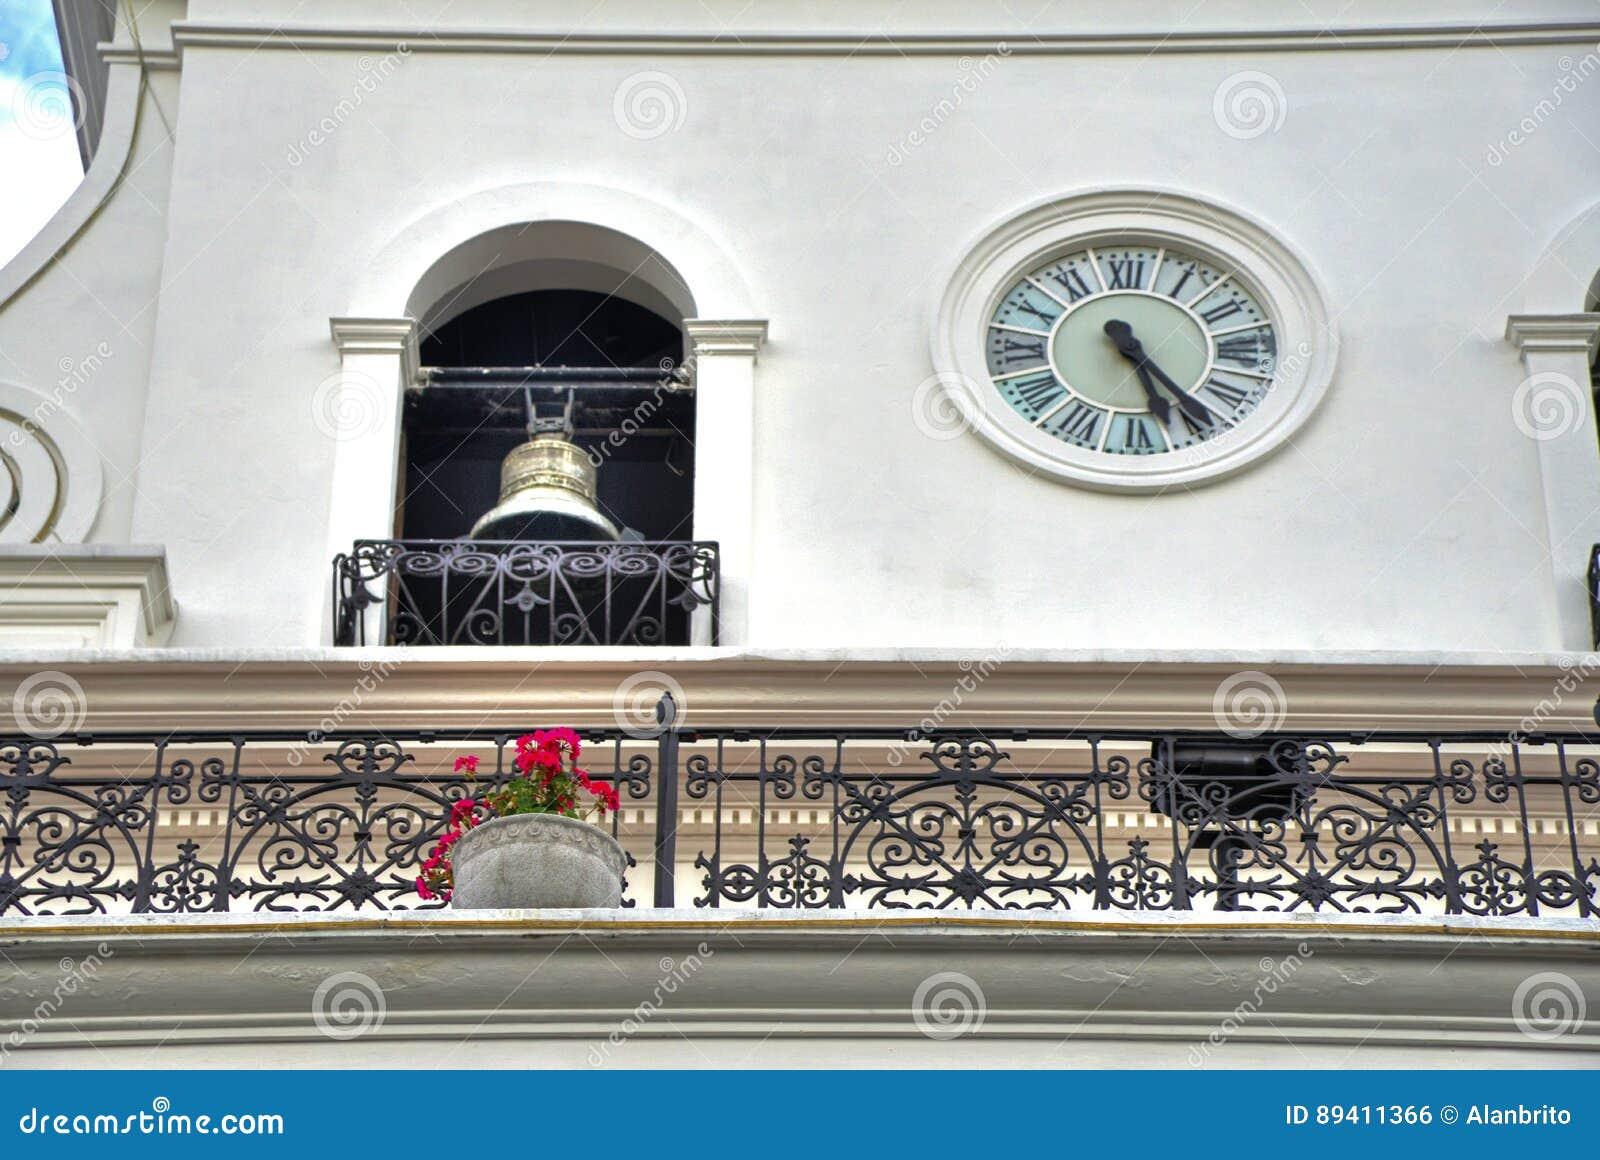 Bell e pulso de disparo de uma construção governamental velha